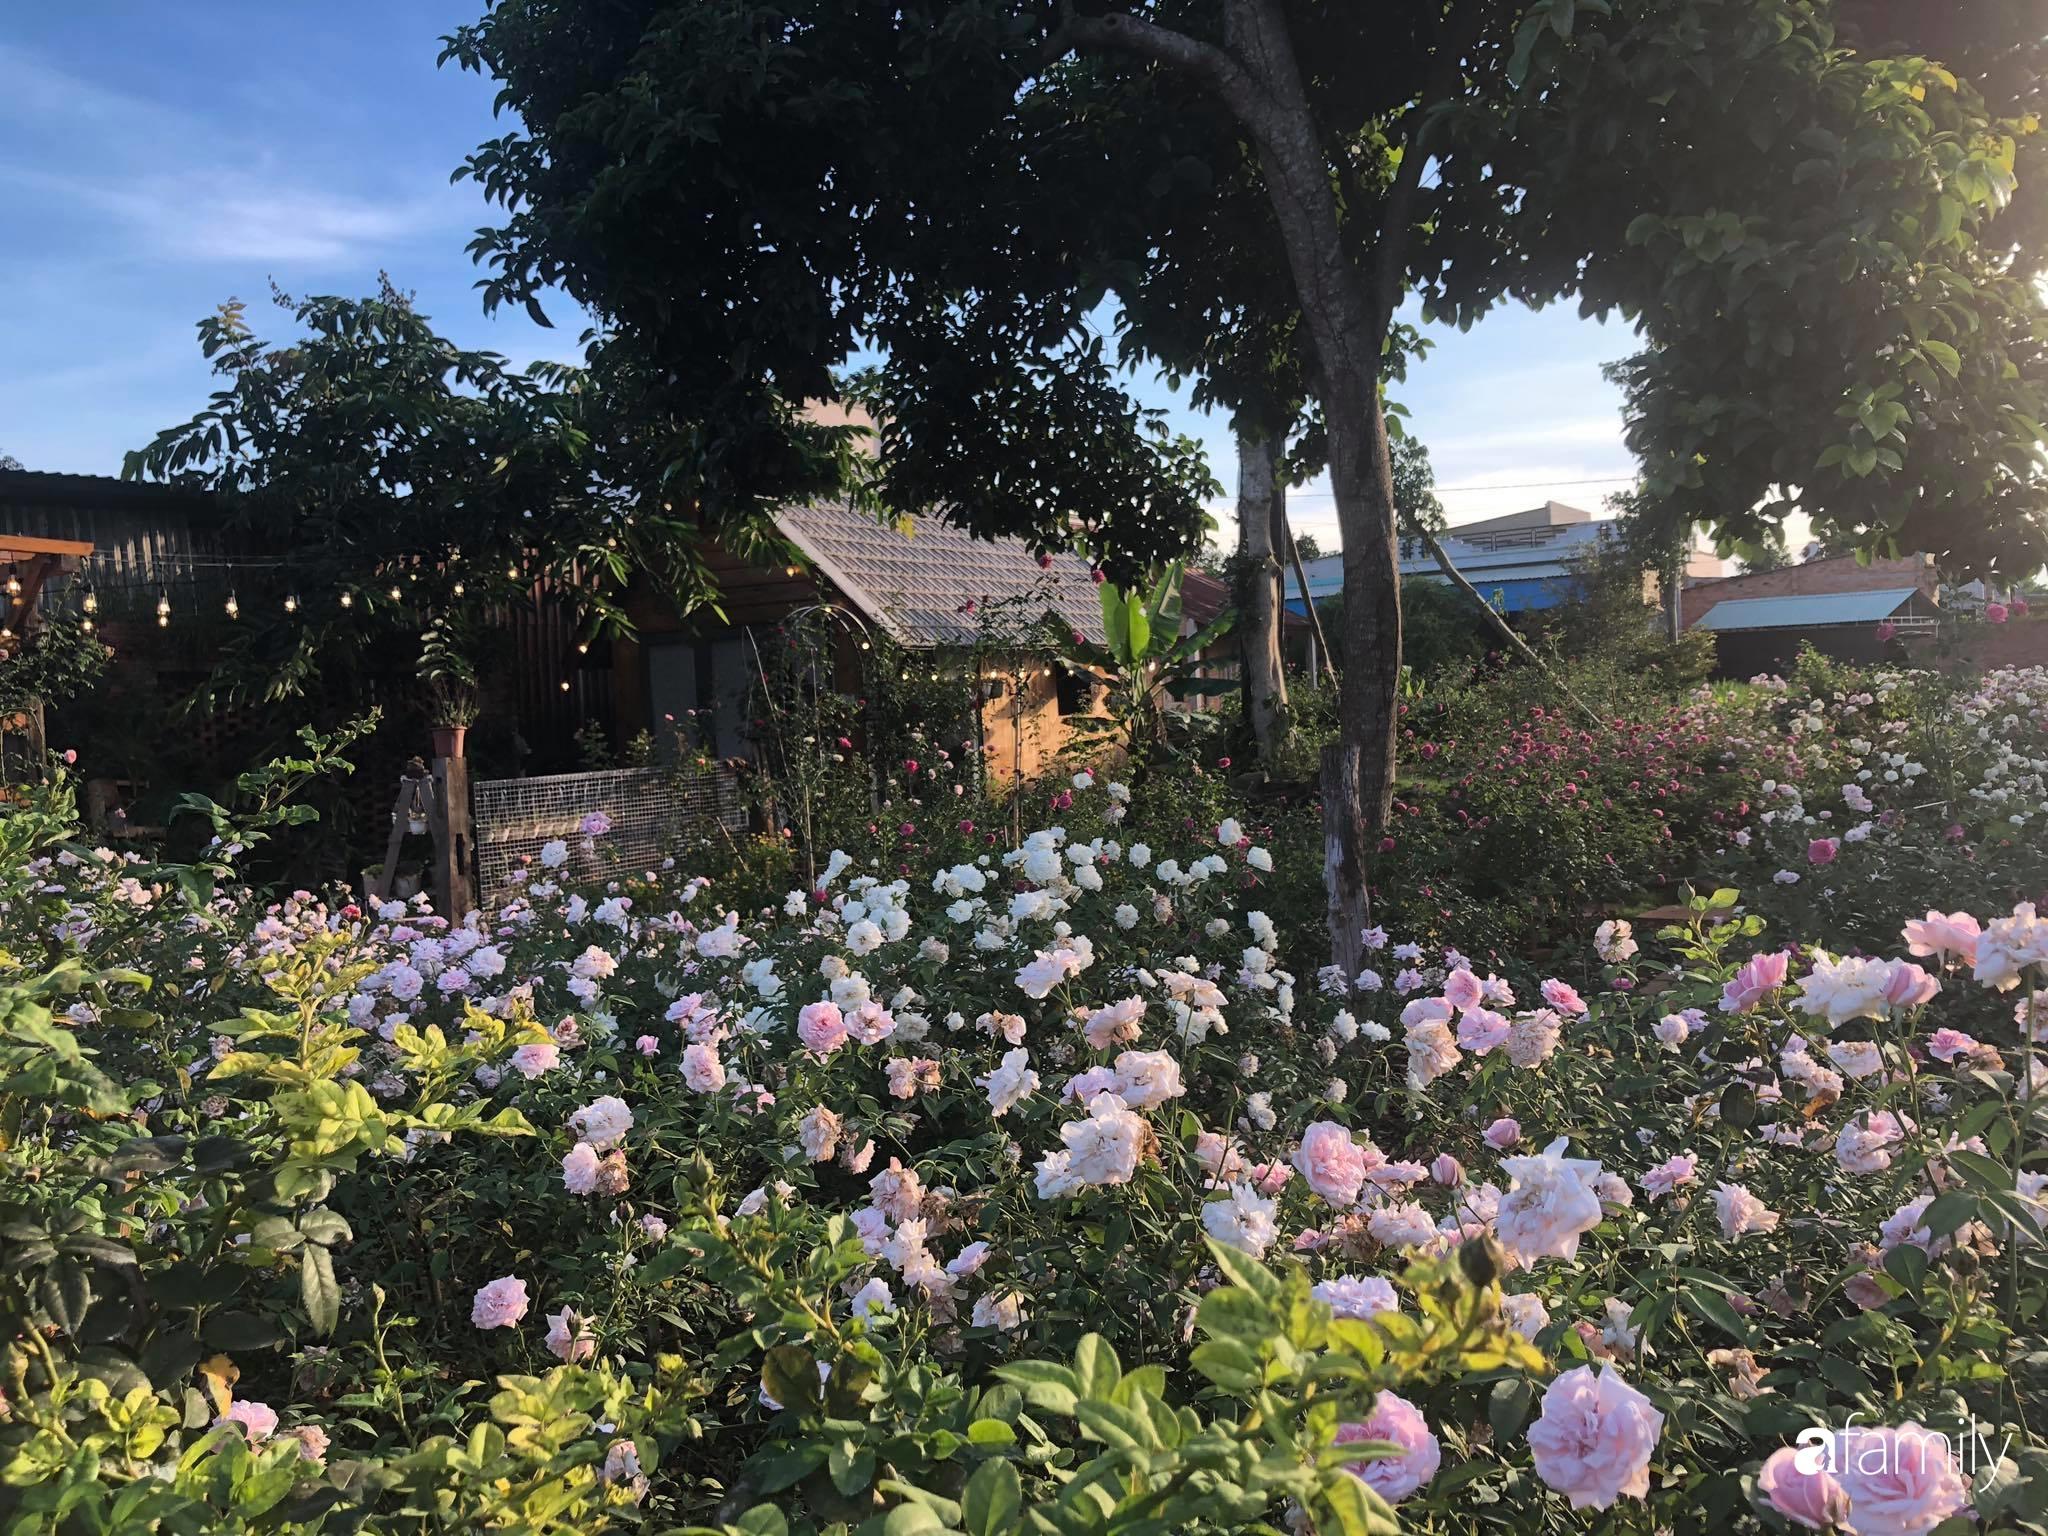 Khu vườn hoa hồng đẹp như cổ tích mà người chồng ngày đêm chăm sóc để tặng vợ con ở Vũng Tàu-2